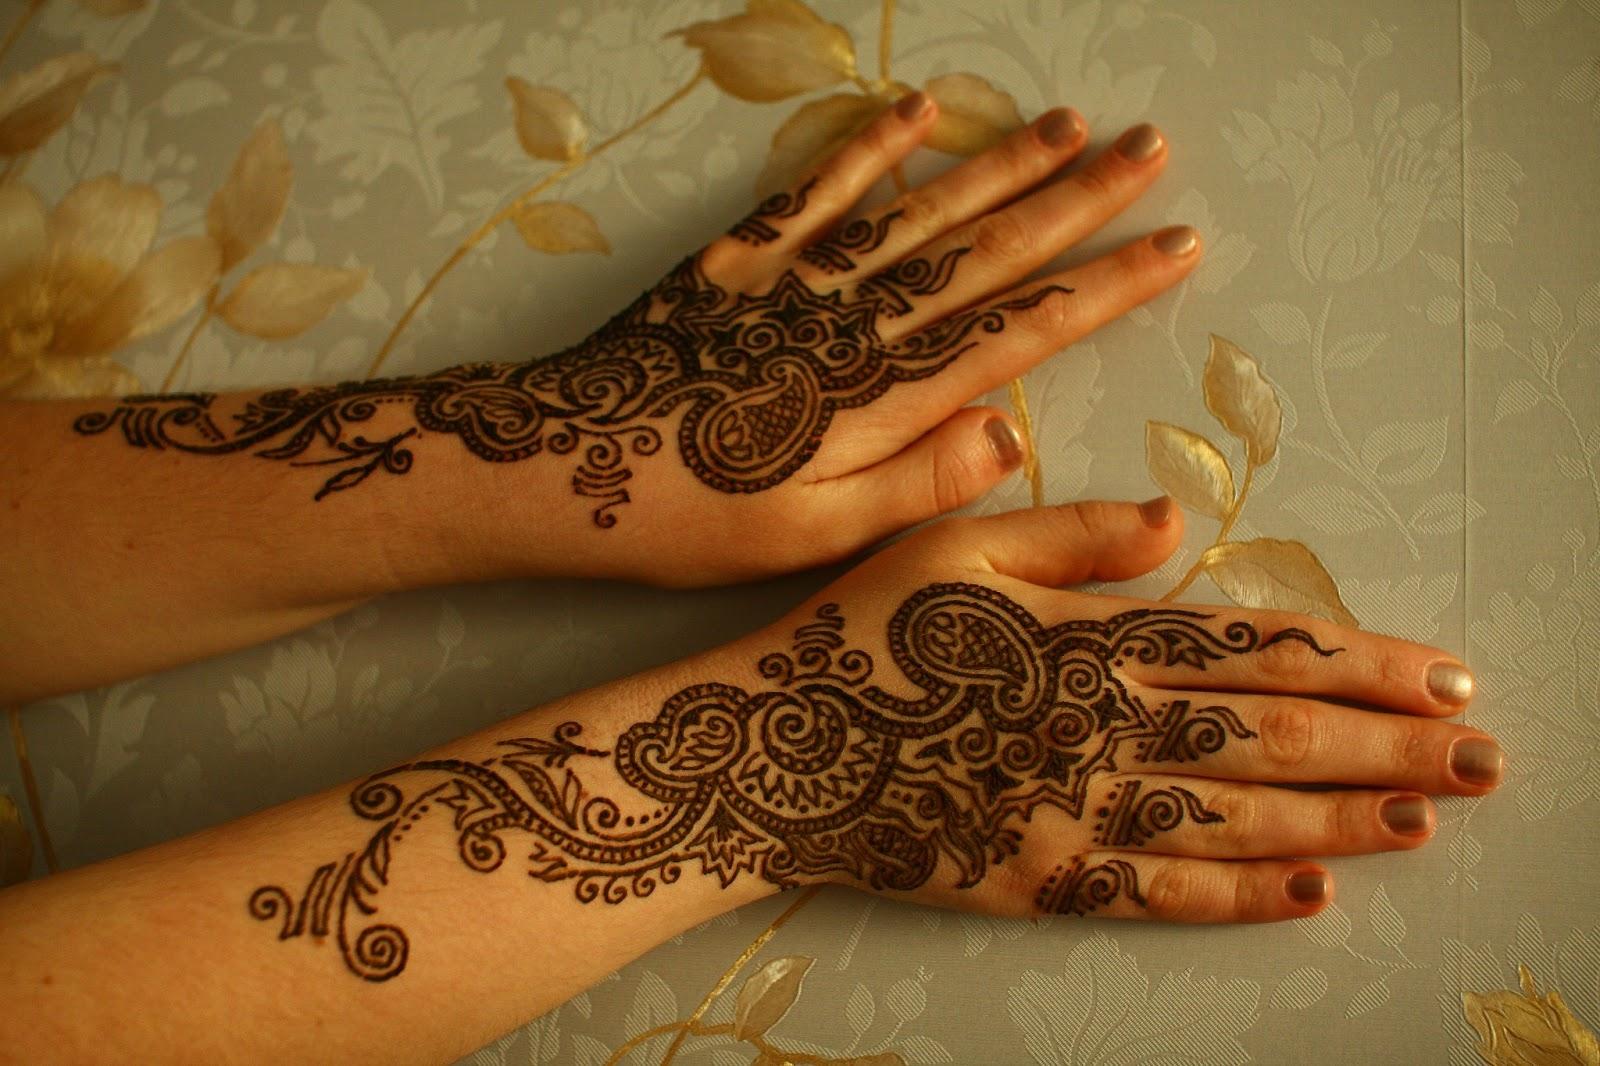 Татуировки для девушек на руке 8